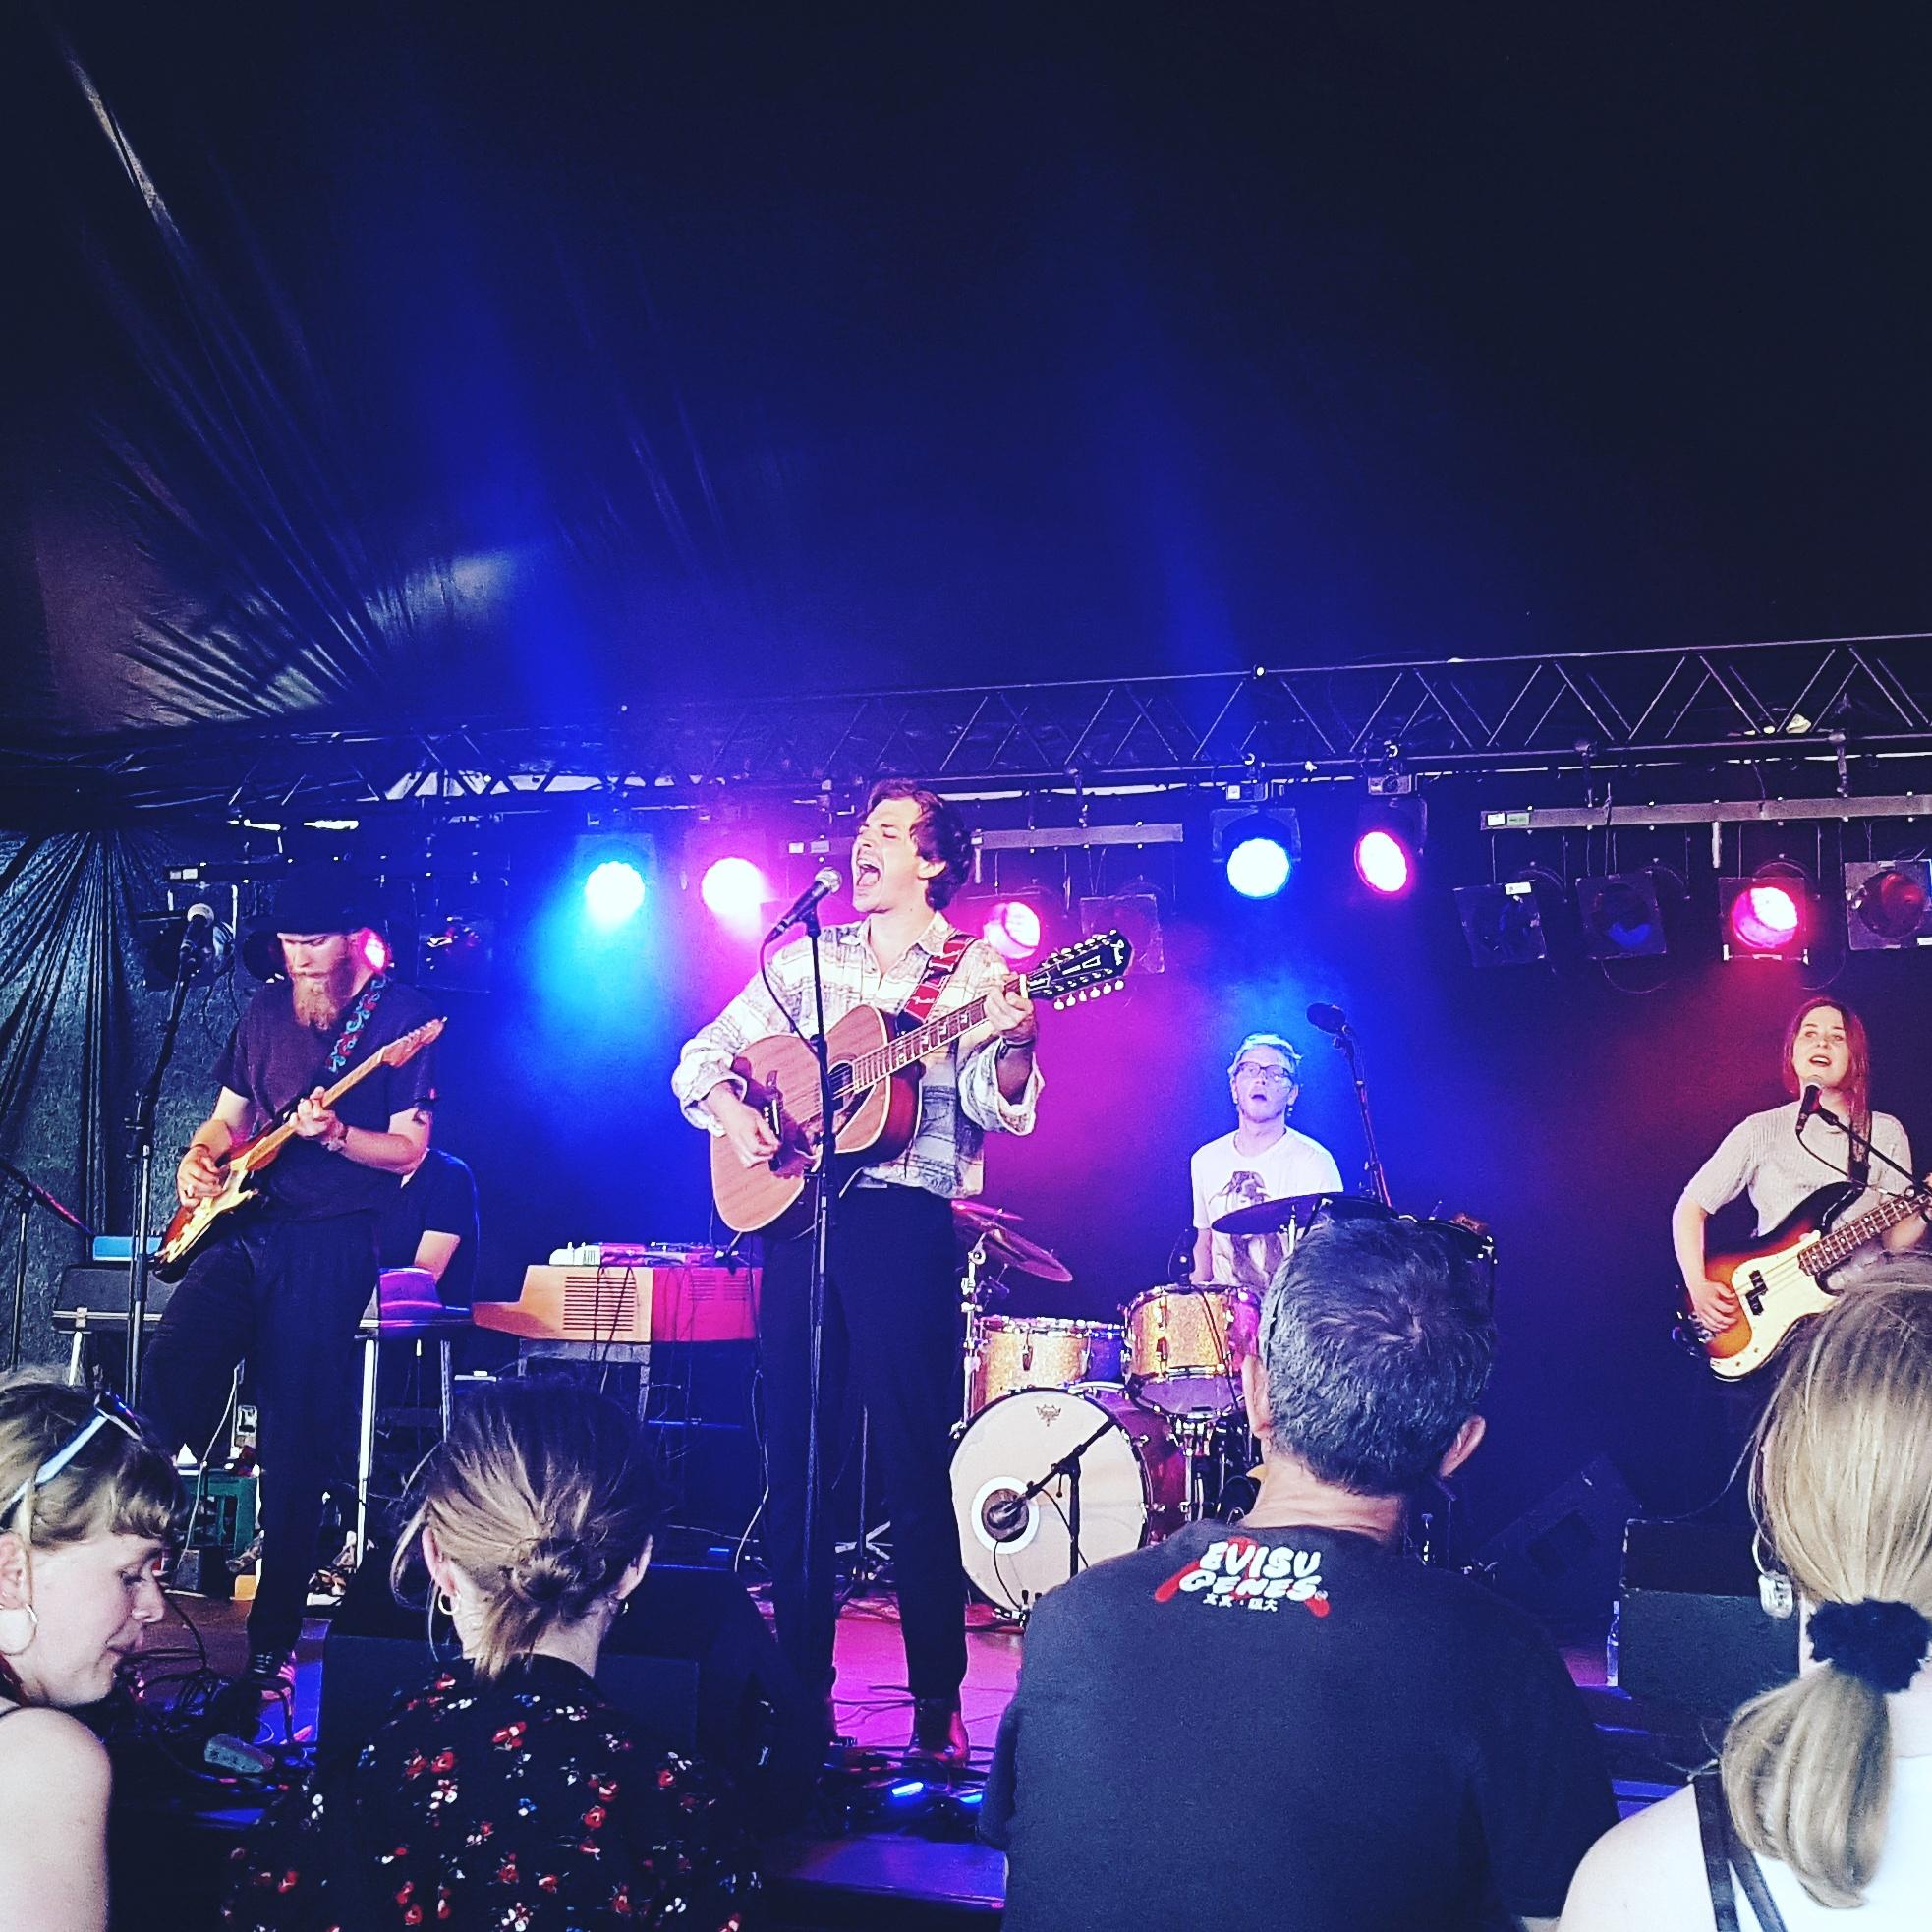 Tårn på Jelling Festival 2017